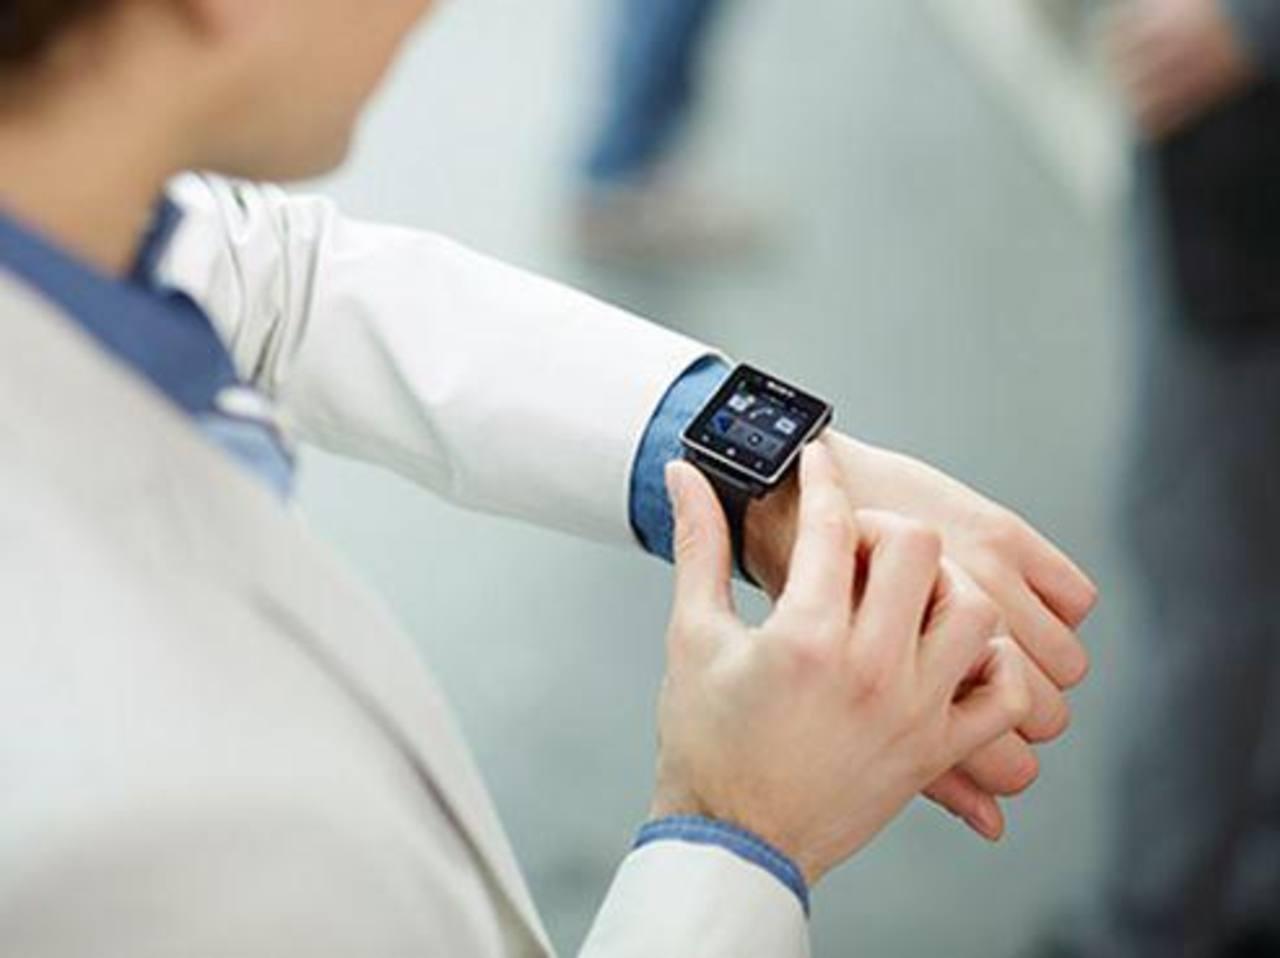 Sony presenta el SmartWatch 2, su nuevo reloj inteligente